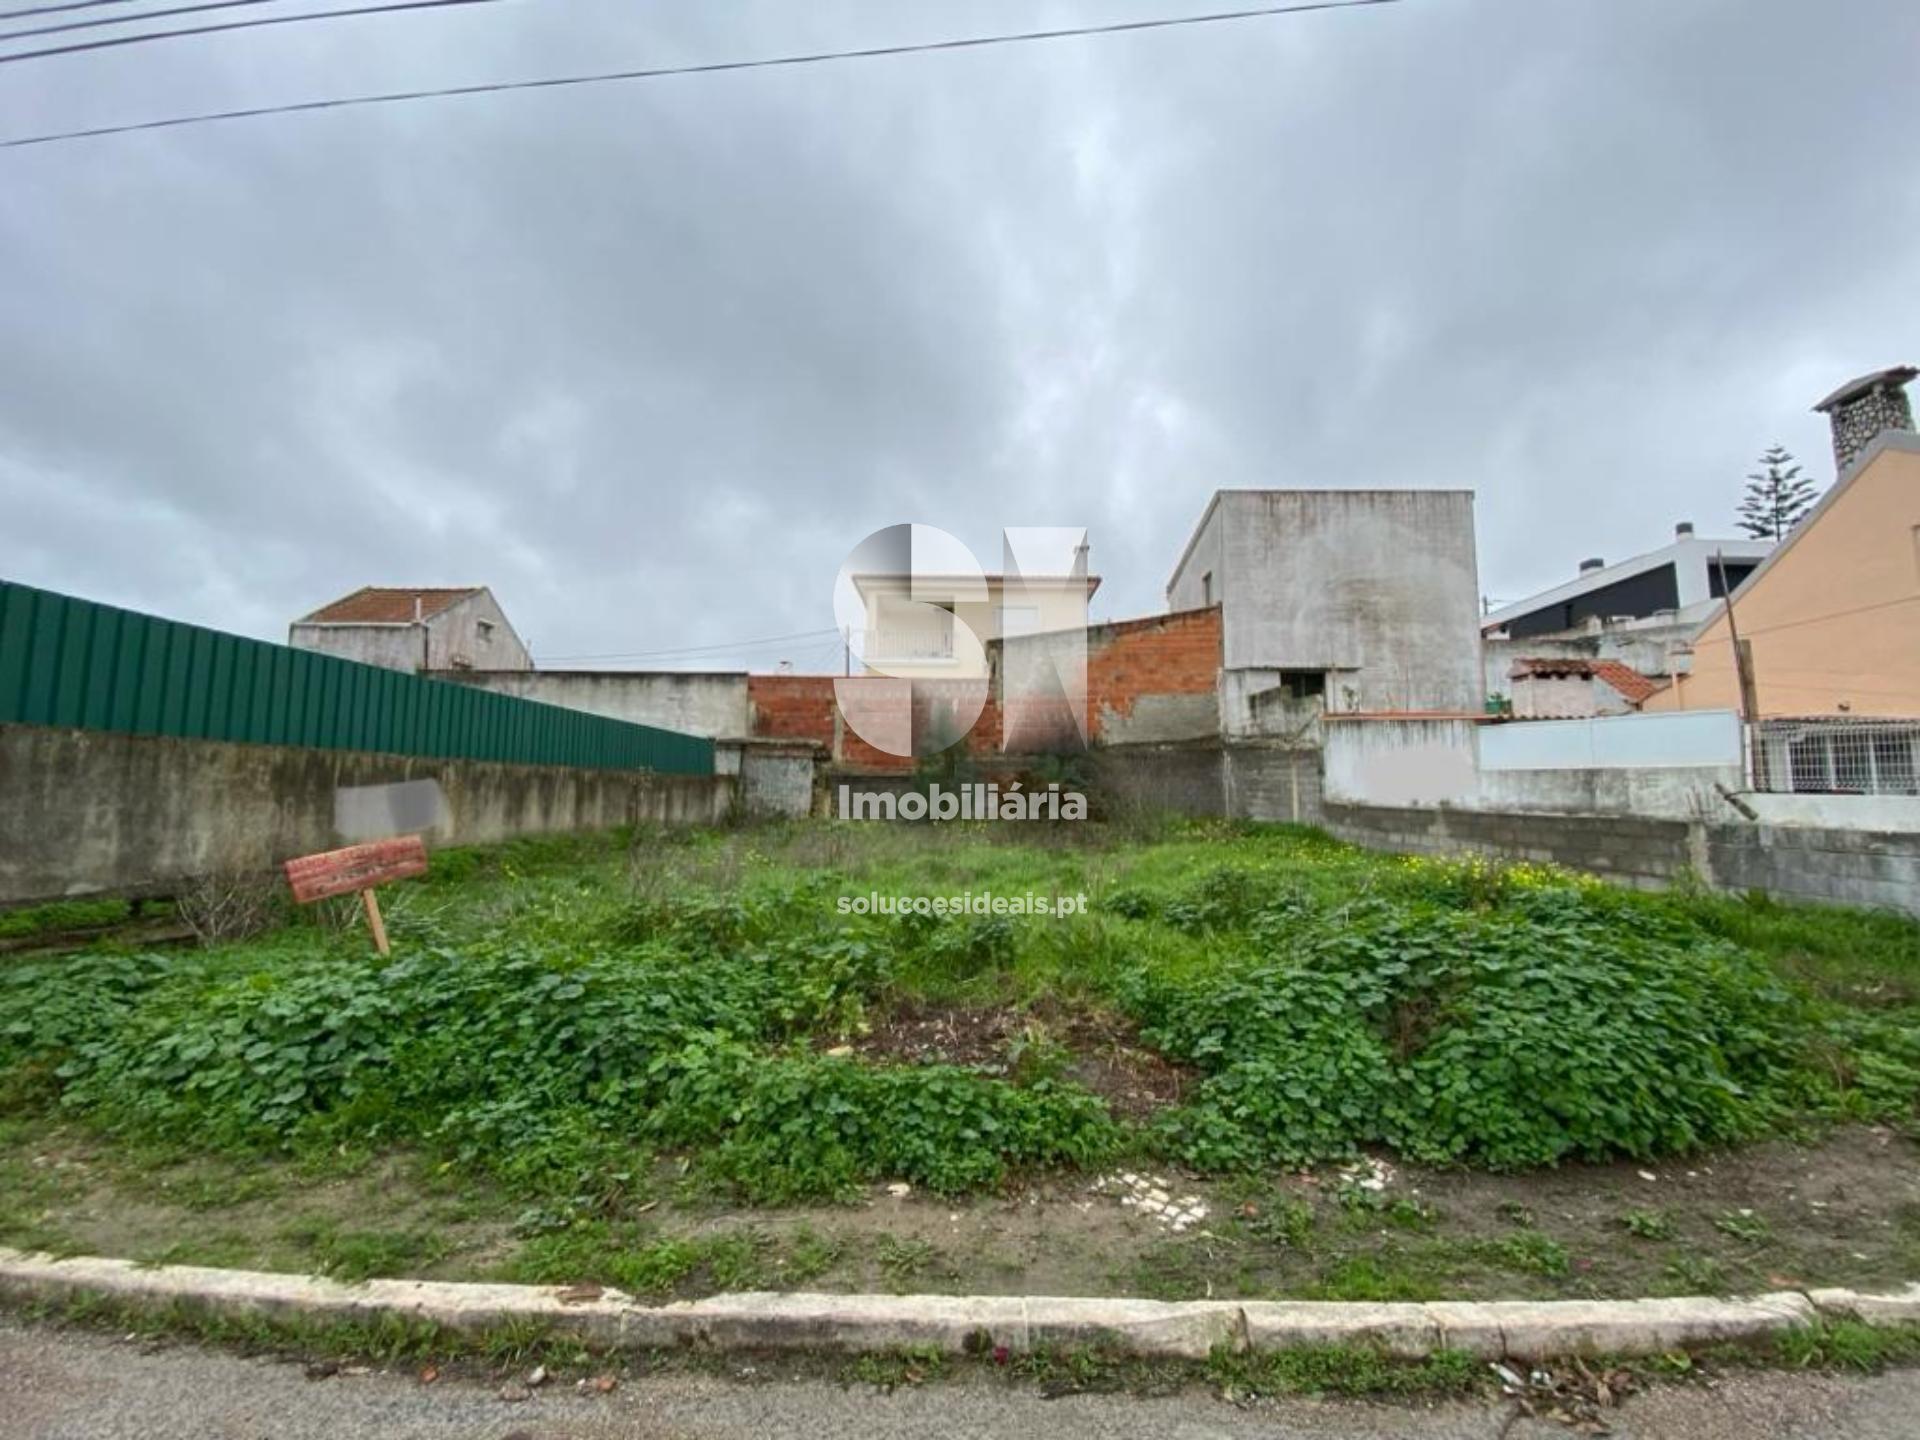 terreno para compra em almada uniao das freguesias de charneca de caparica e sobreda CHASP24